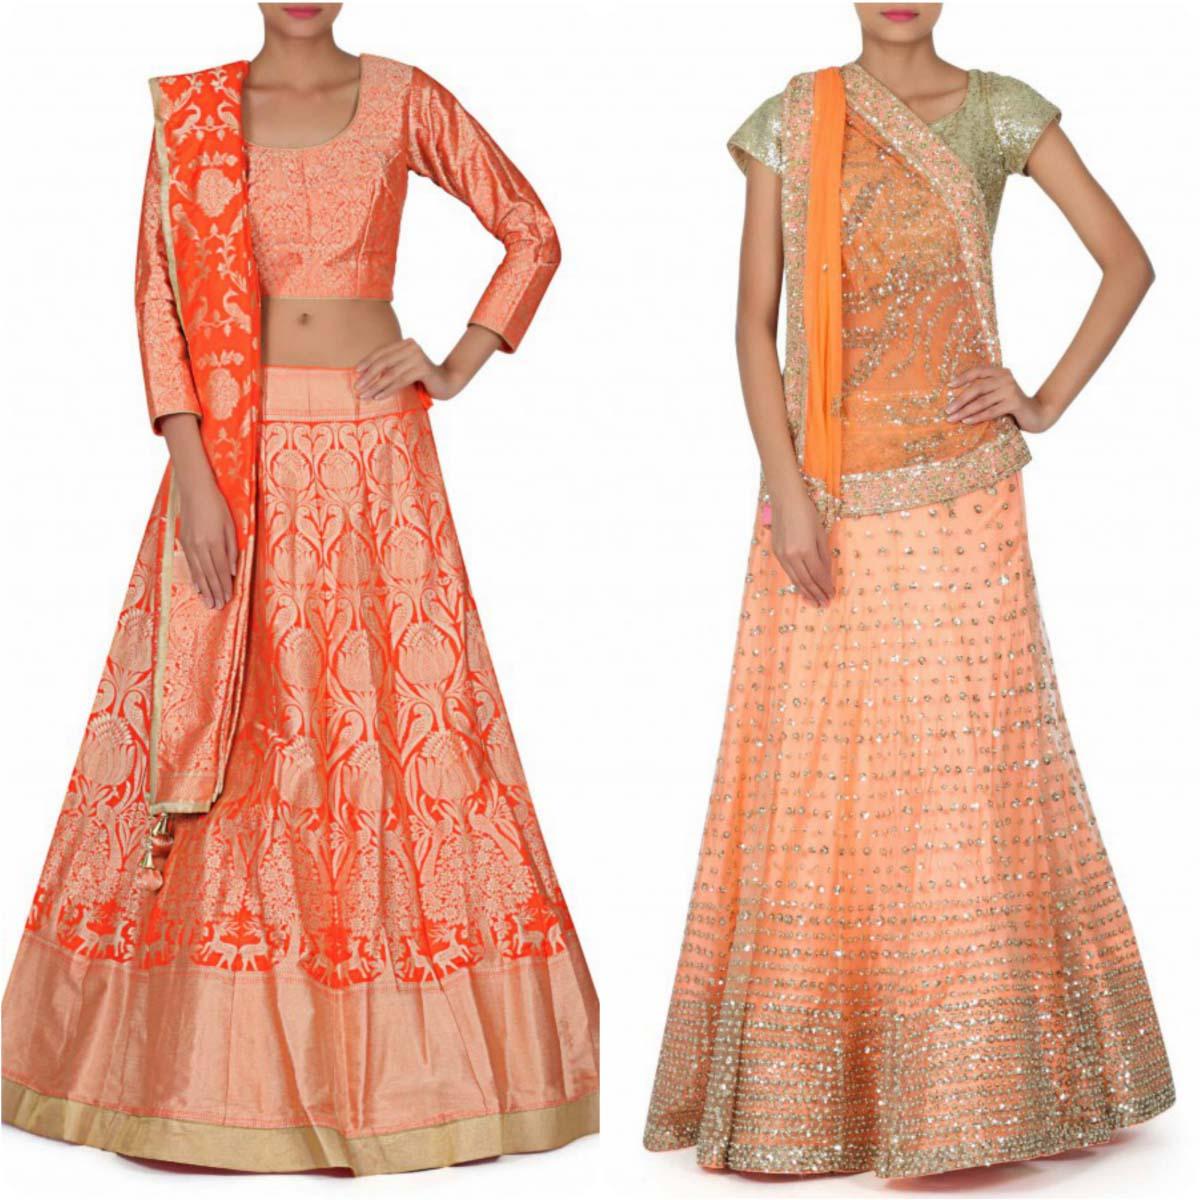 indian-bridal-mehndi-and-sangeet-lehenga-designs-2017-2018-by-kalki-fashion-5